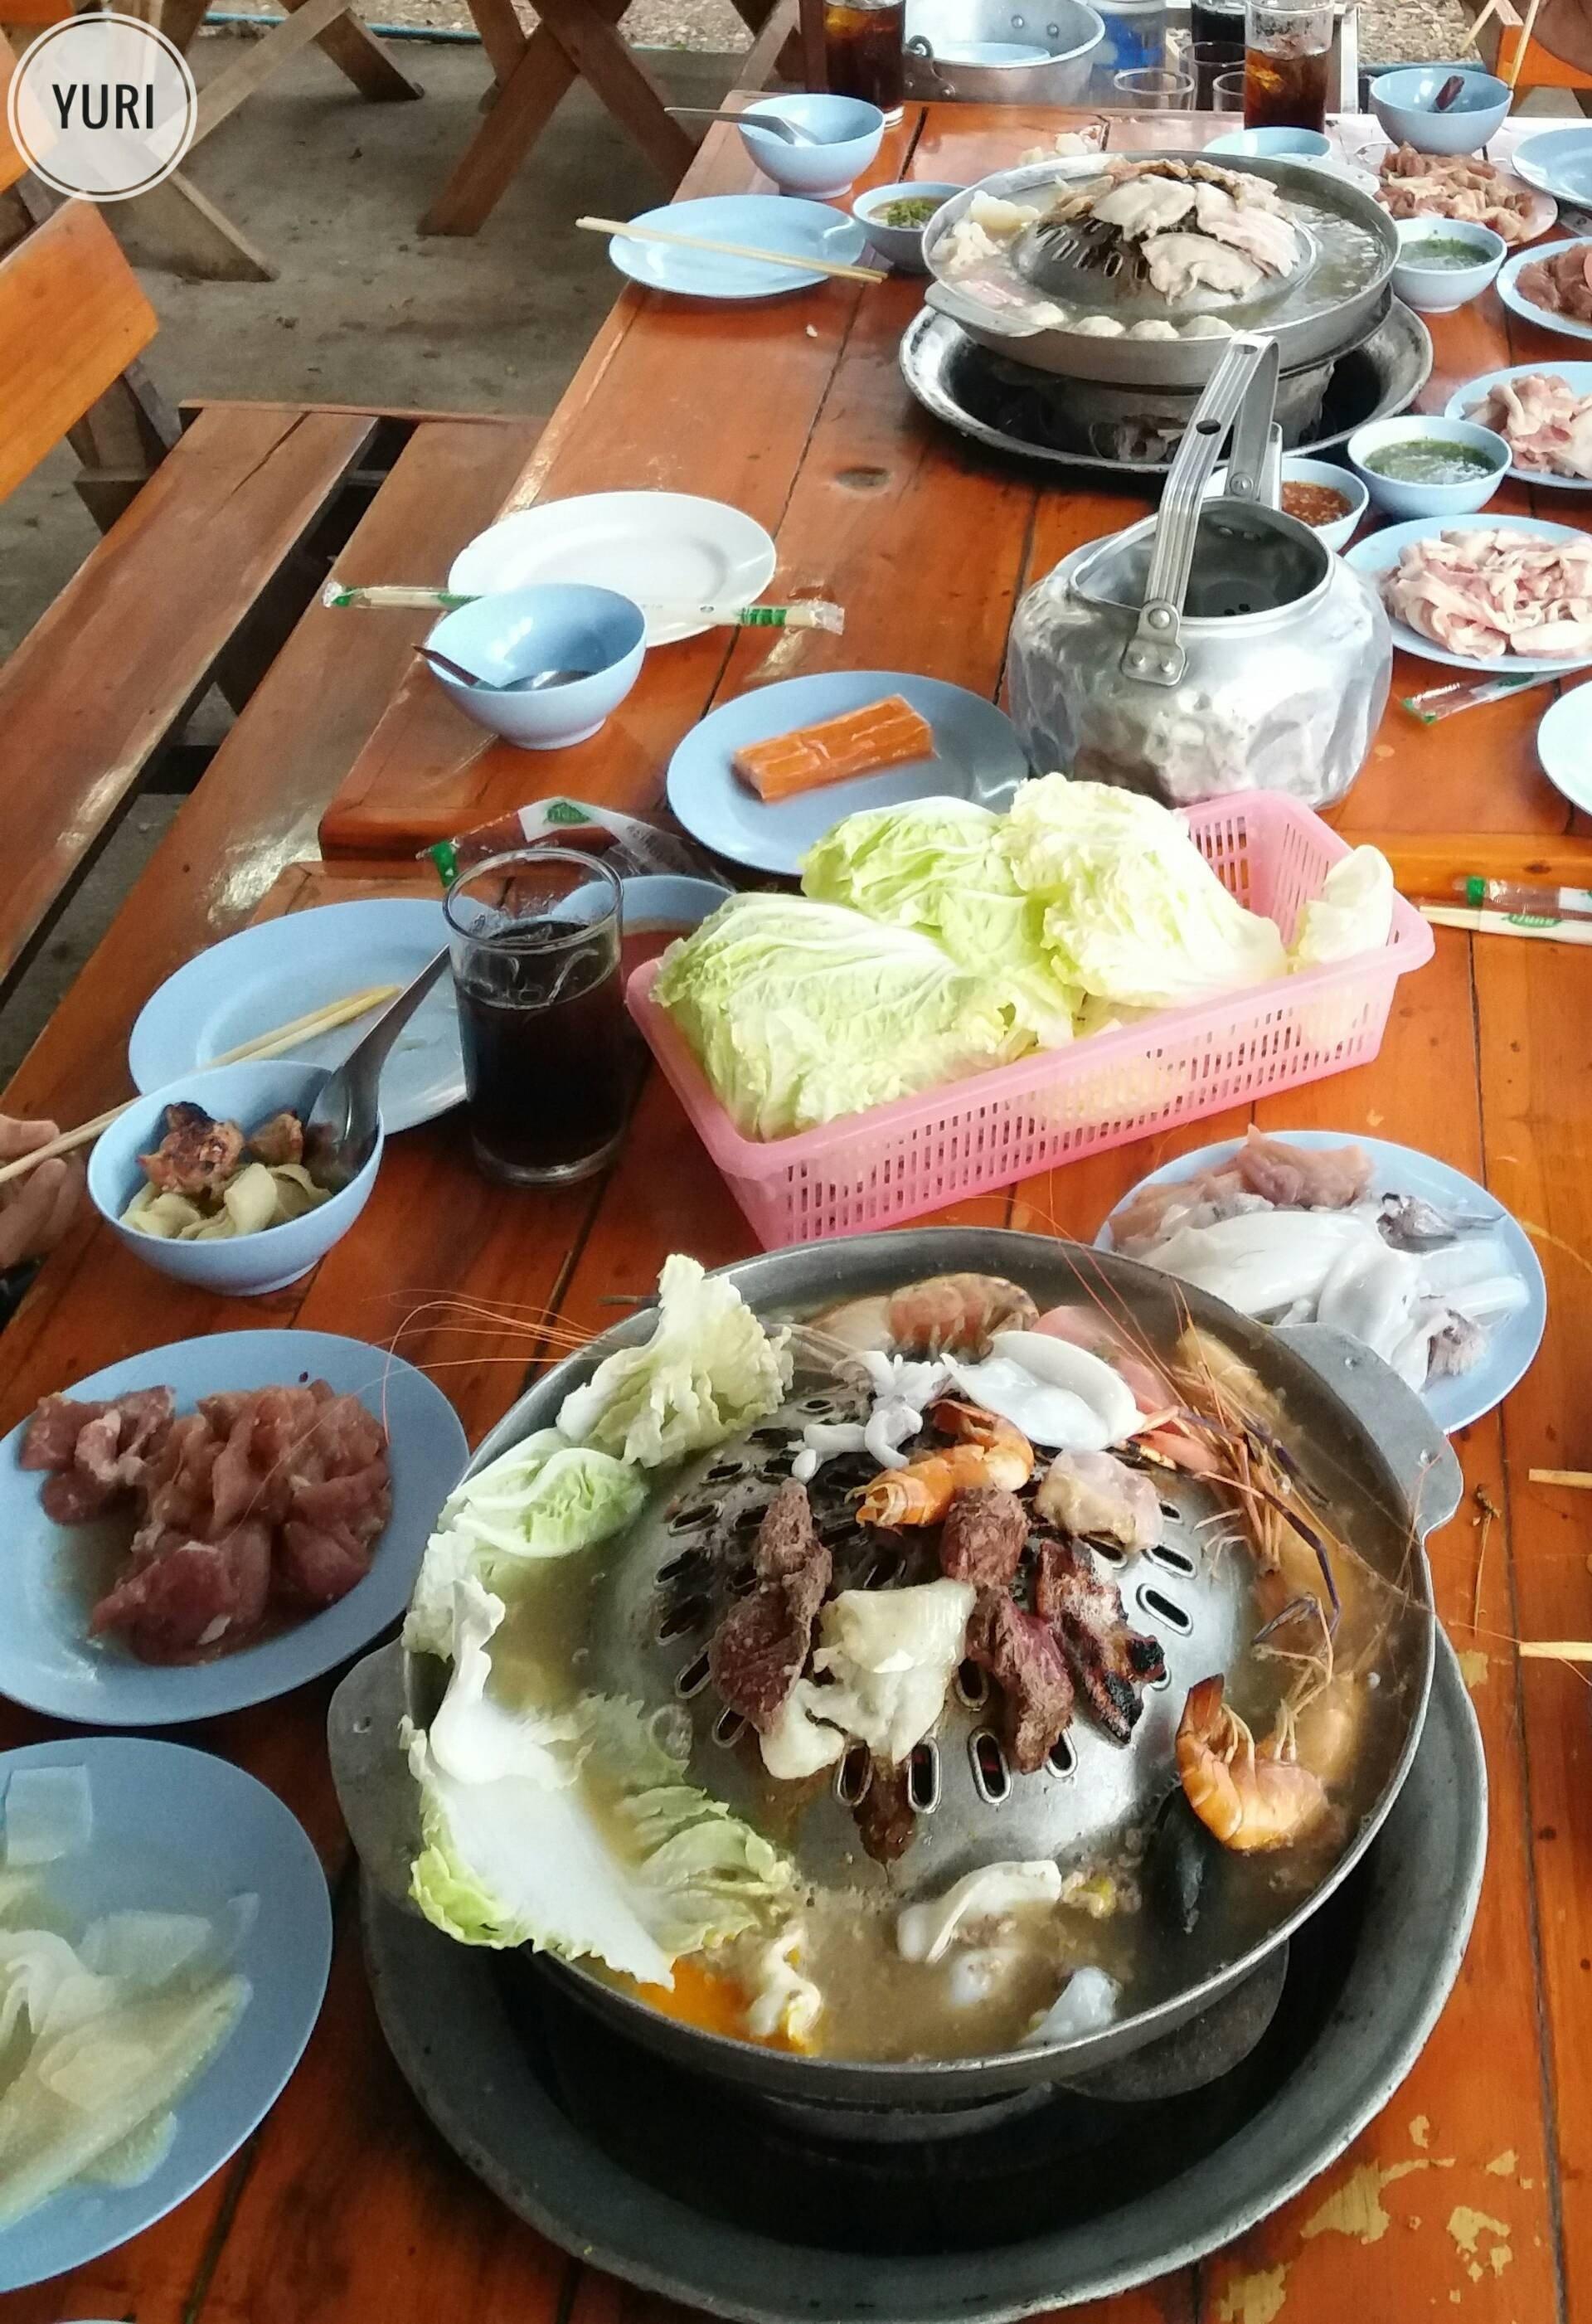 ร้าน ฟ้าใสหมูกระทะ ลำปาง | รีวิวร้านอาหาร - Wongnai